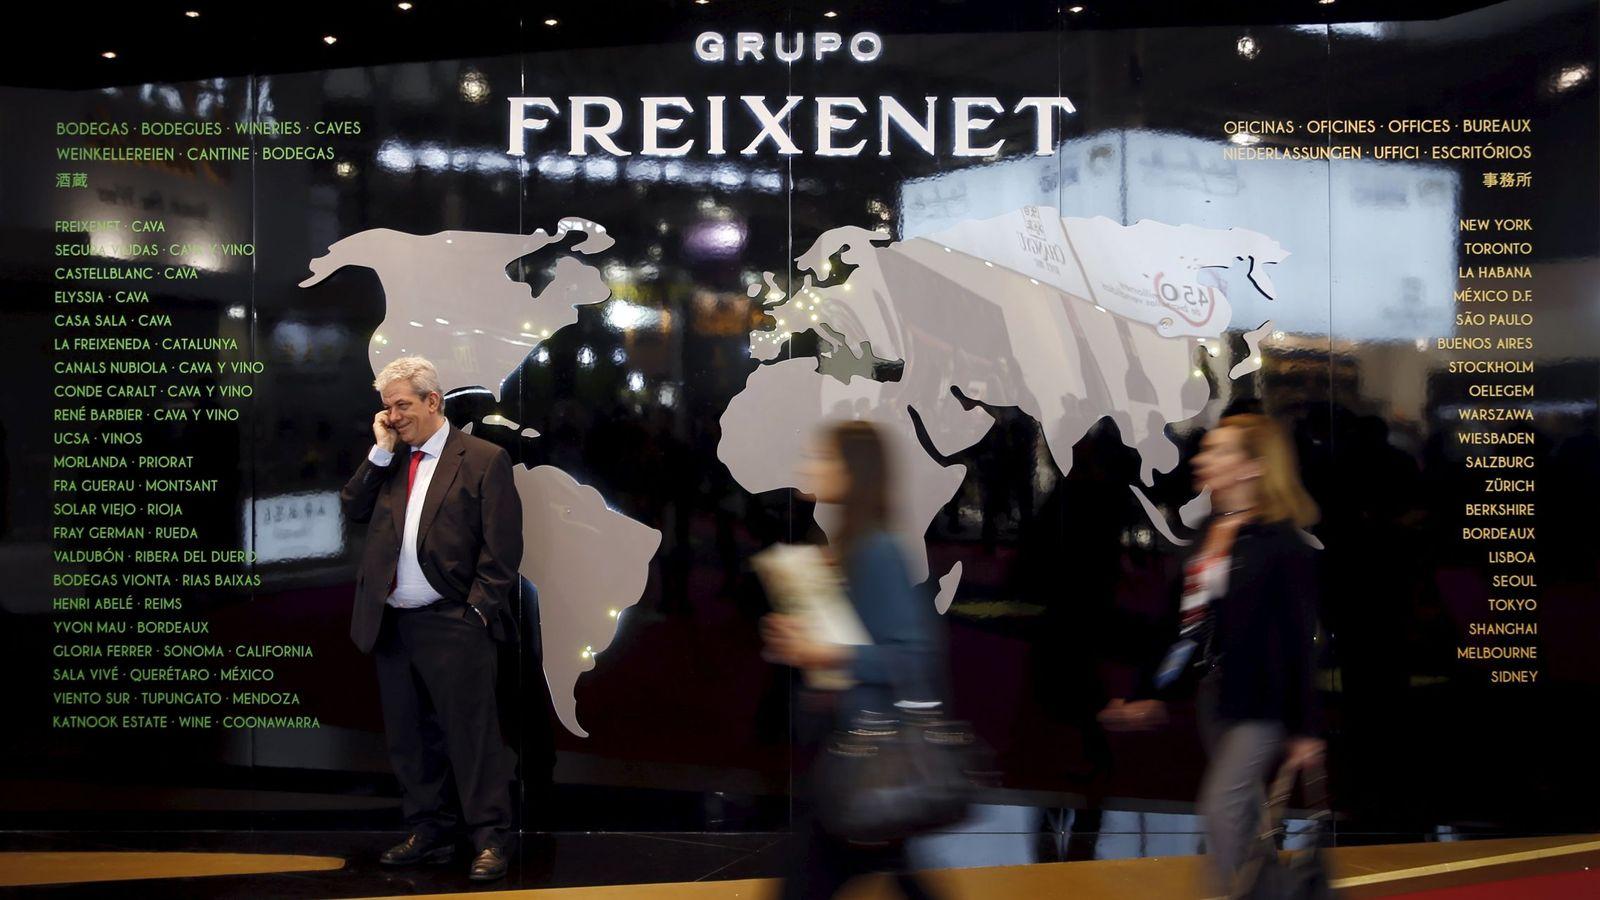 Foto: Un cartel del grupo Freixenet. (Reuters)